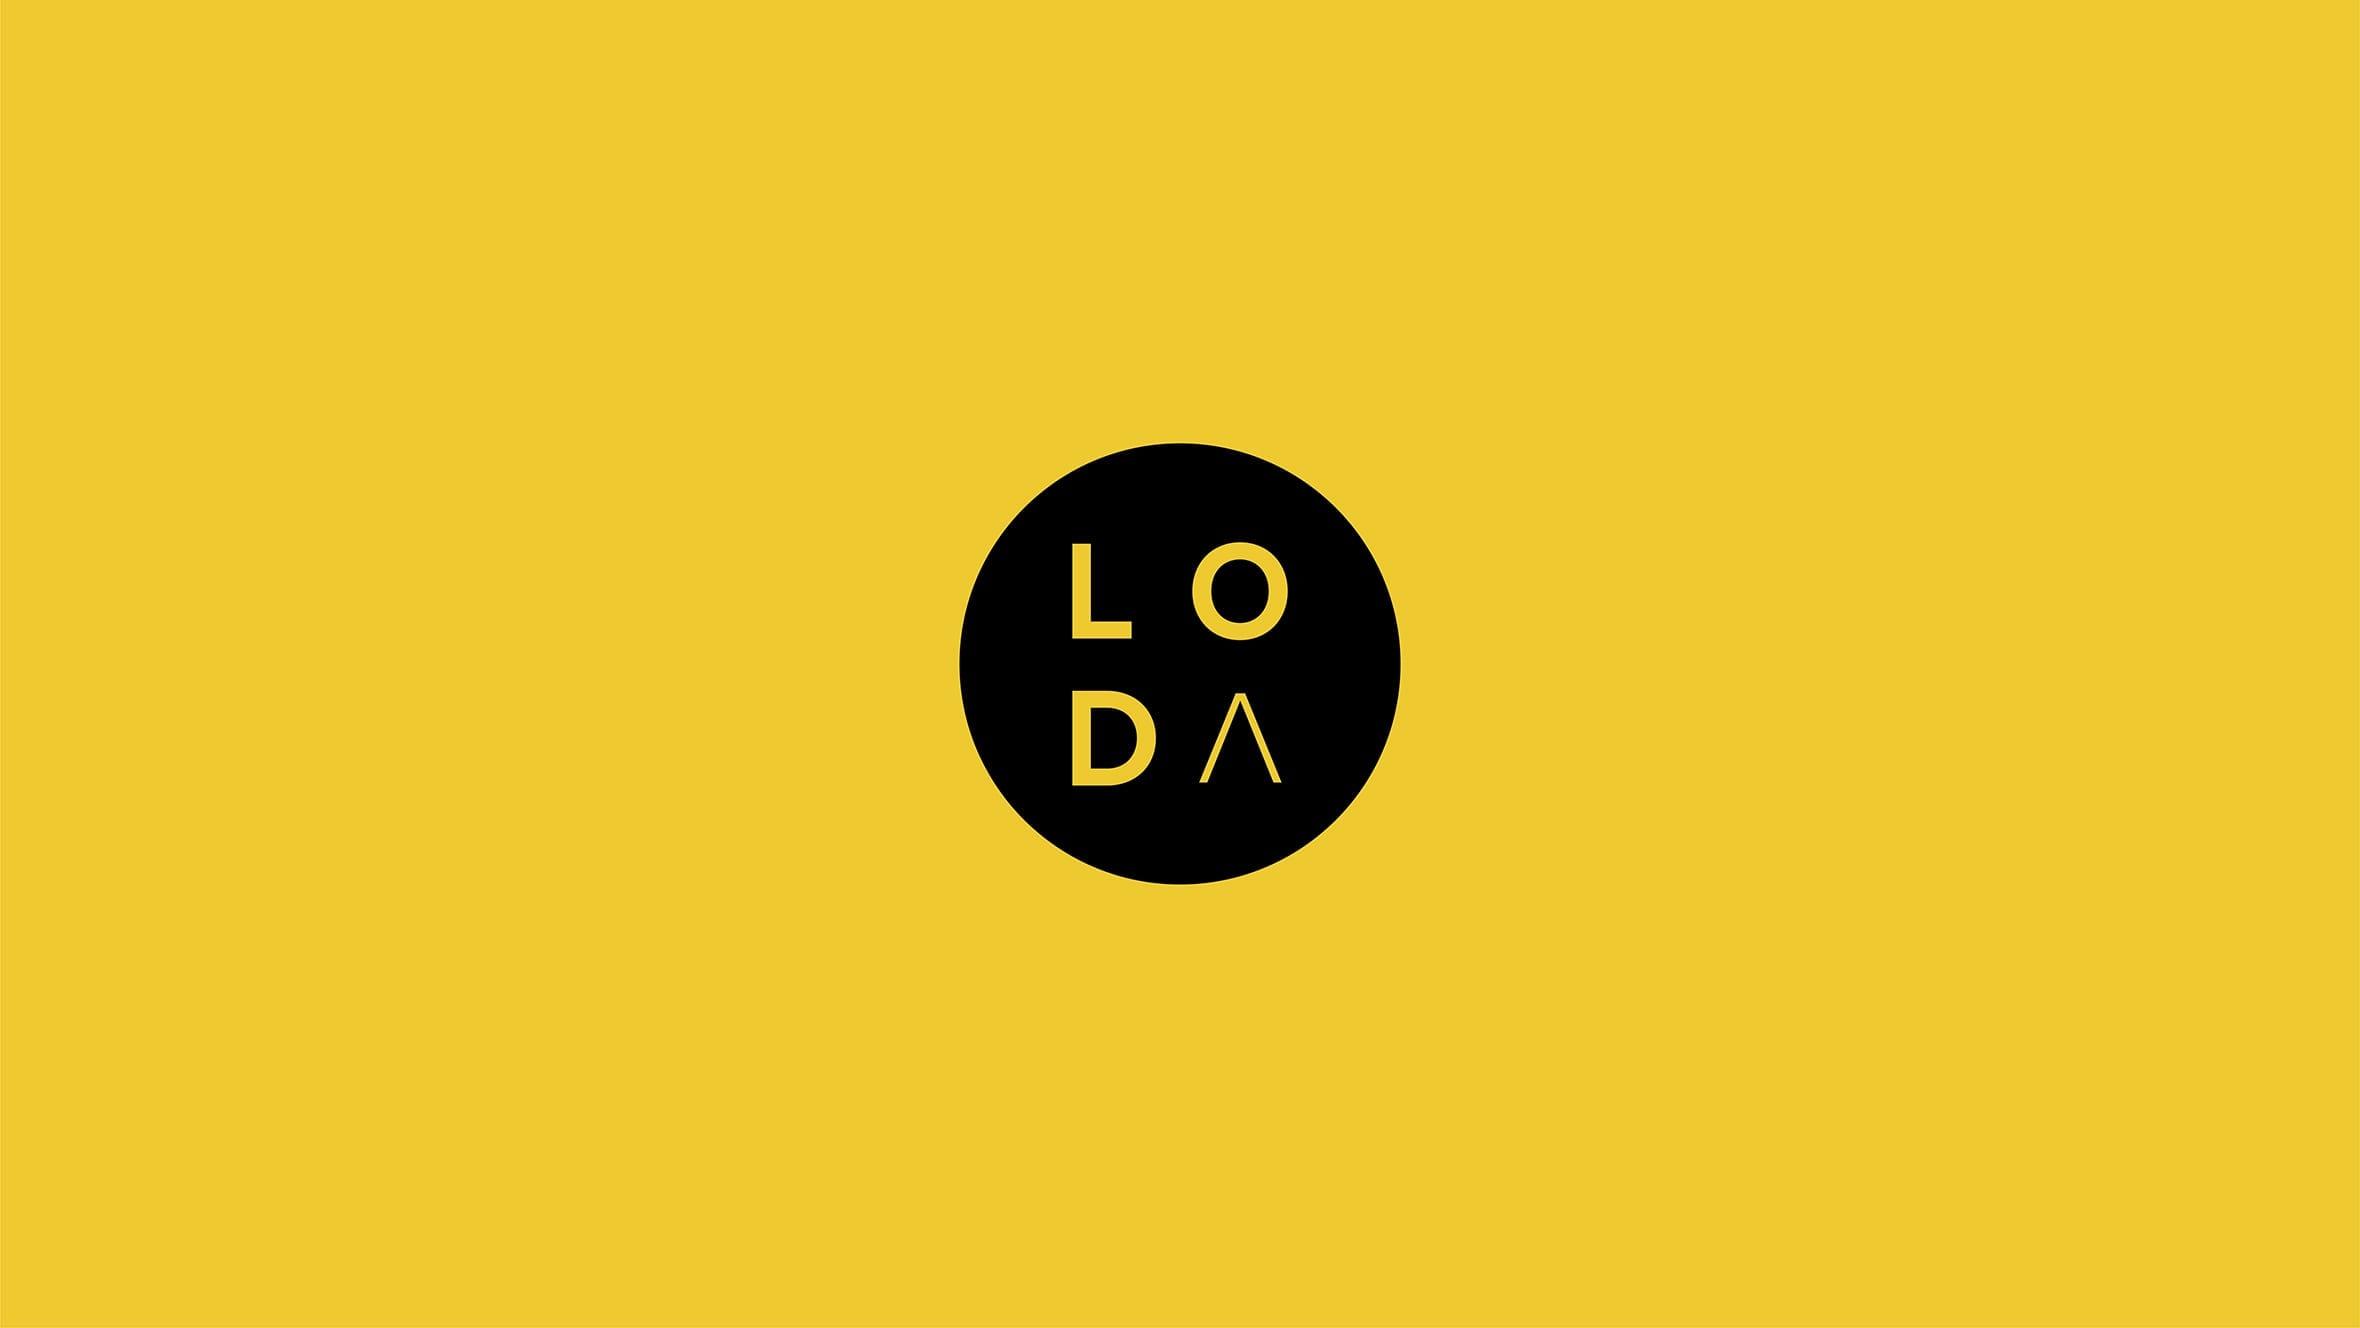 LOD Branding Design